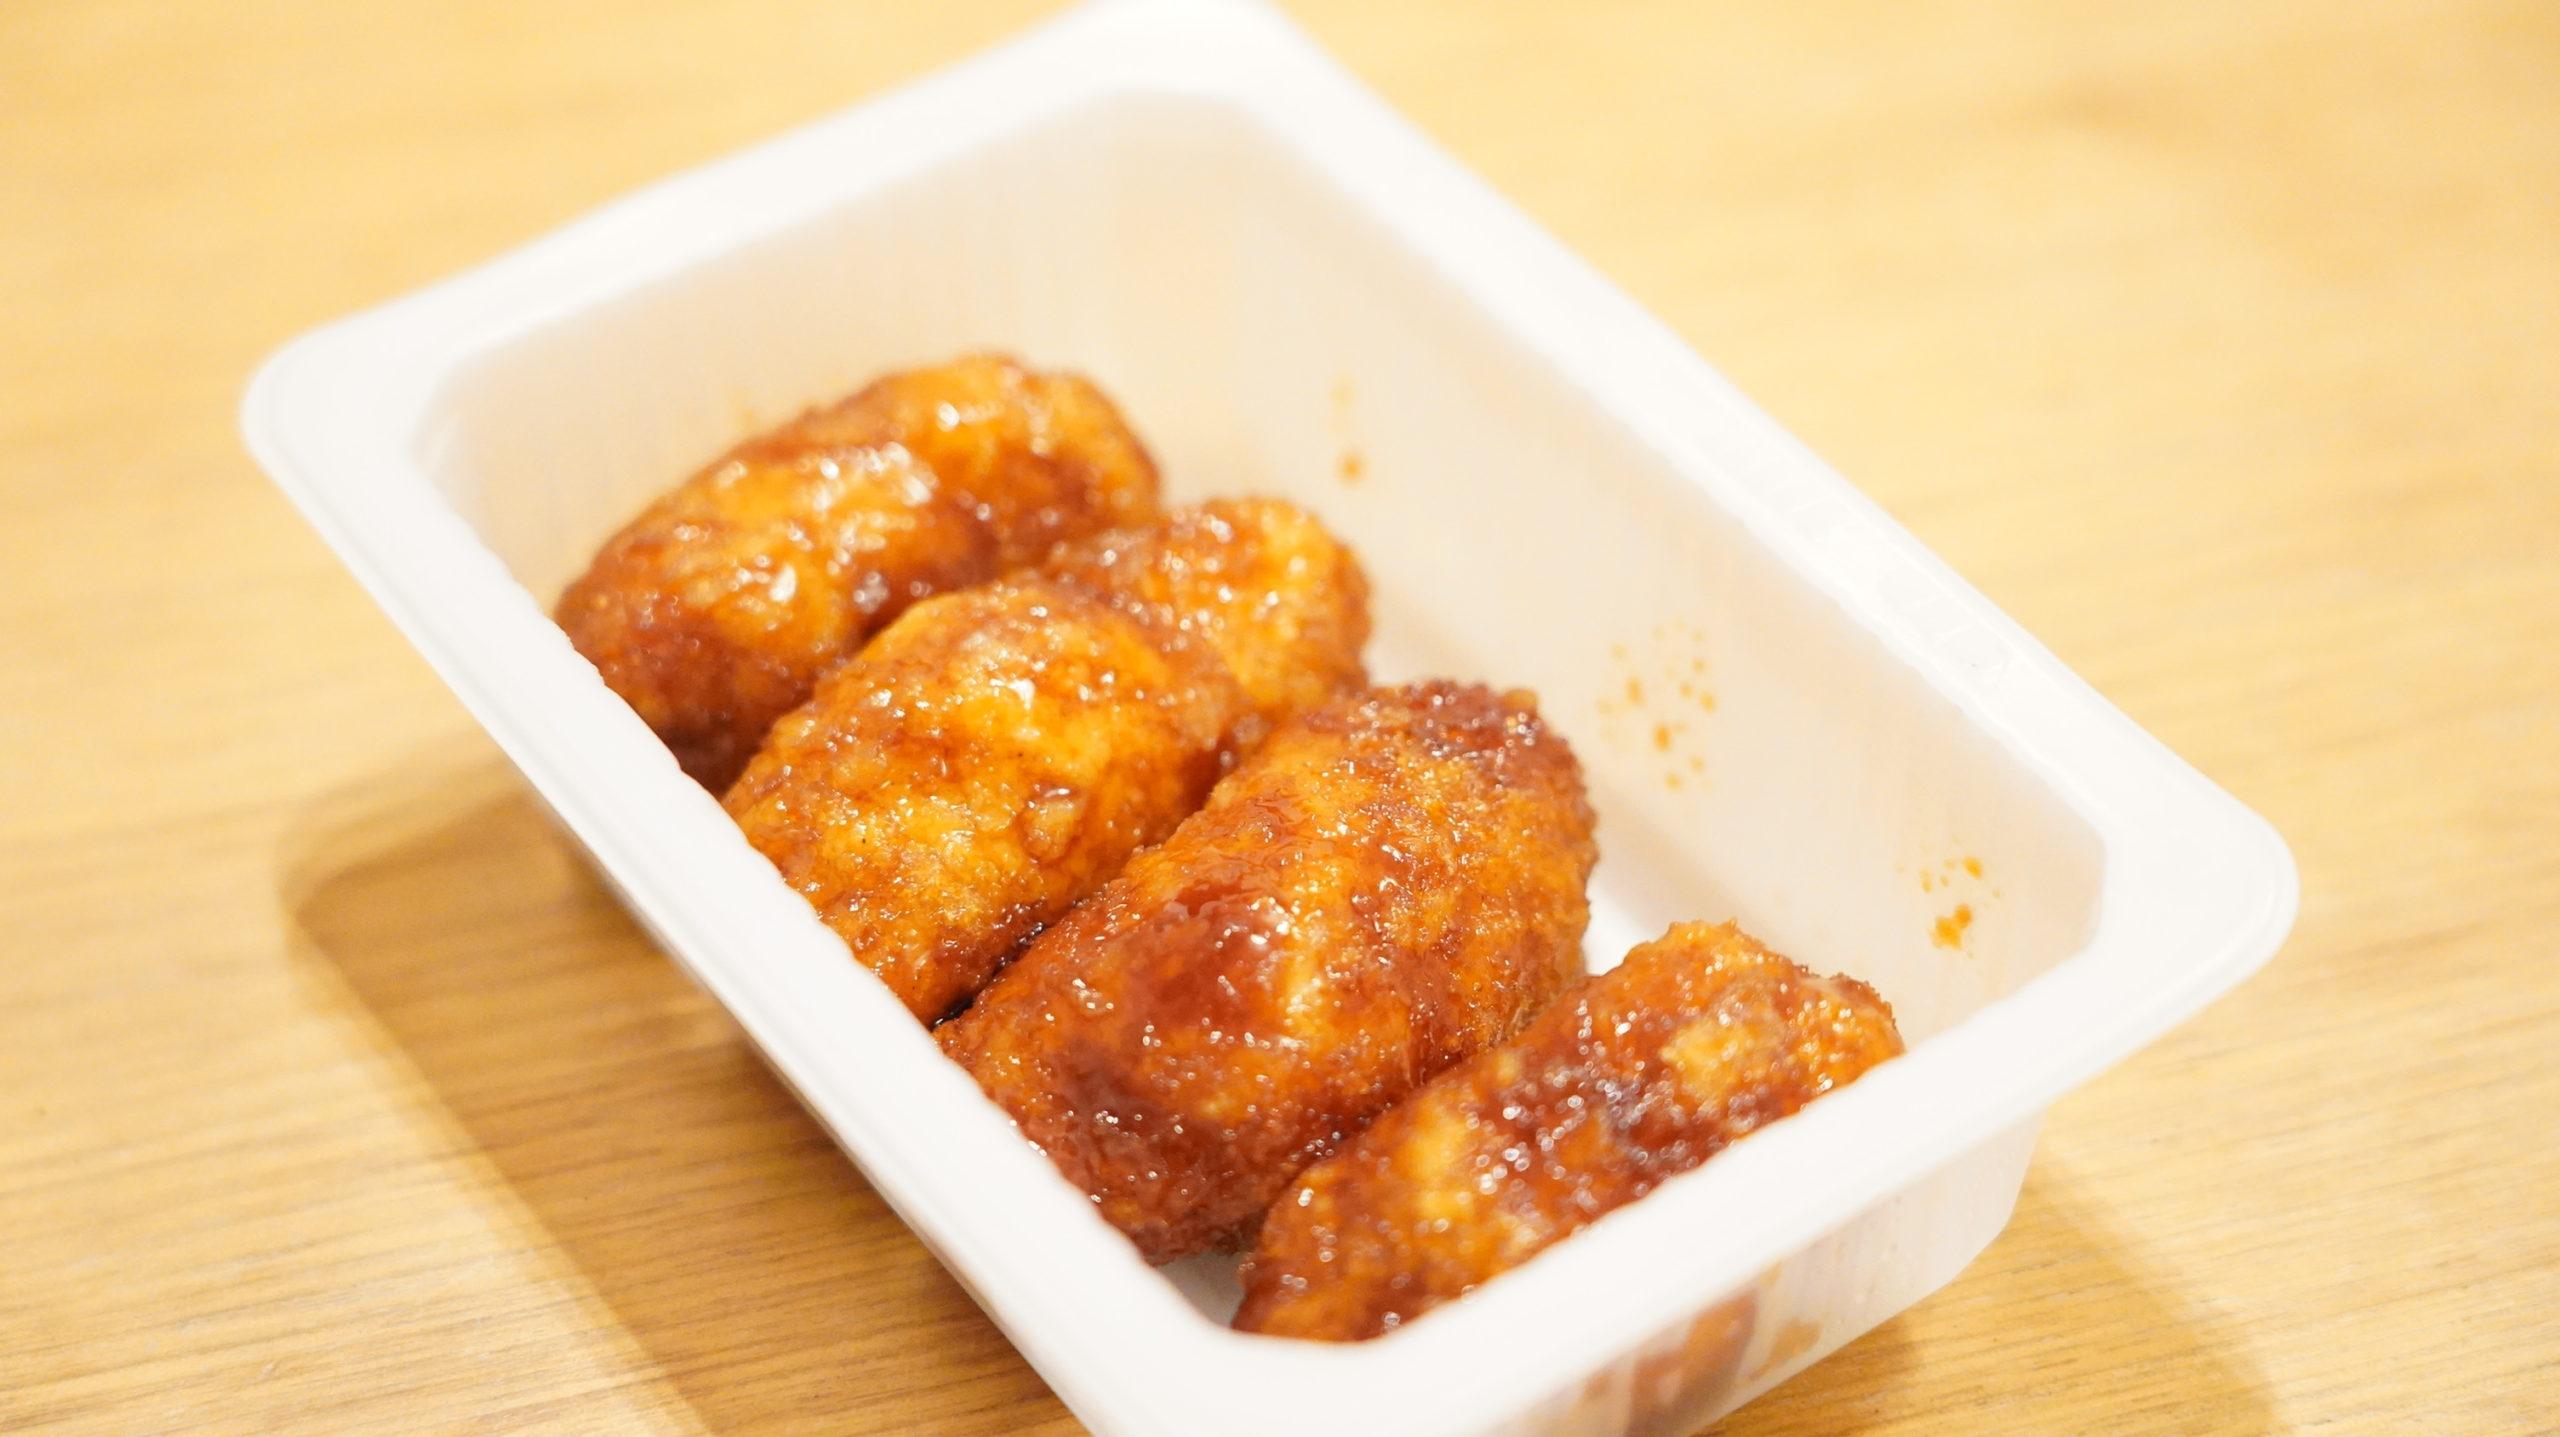 セブンイレブンの冷凍食品「大葉香る・ささみチーズカツ」にタレがたっぷりかかっている写真